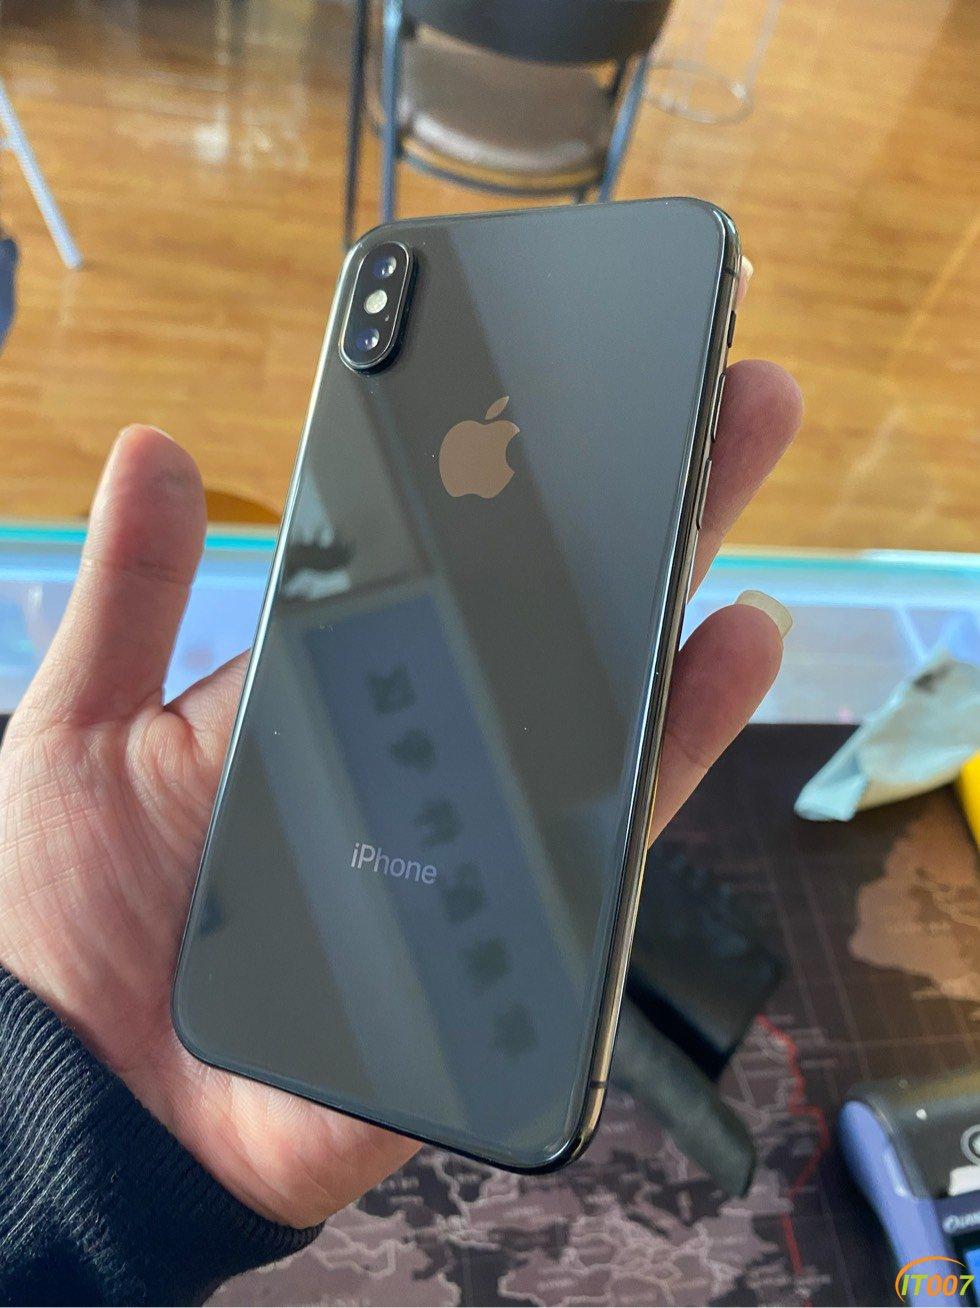 iphoneX 256g 国行成色98新 3099